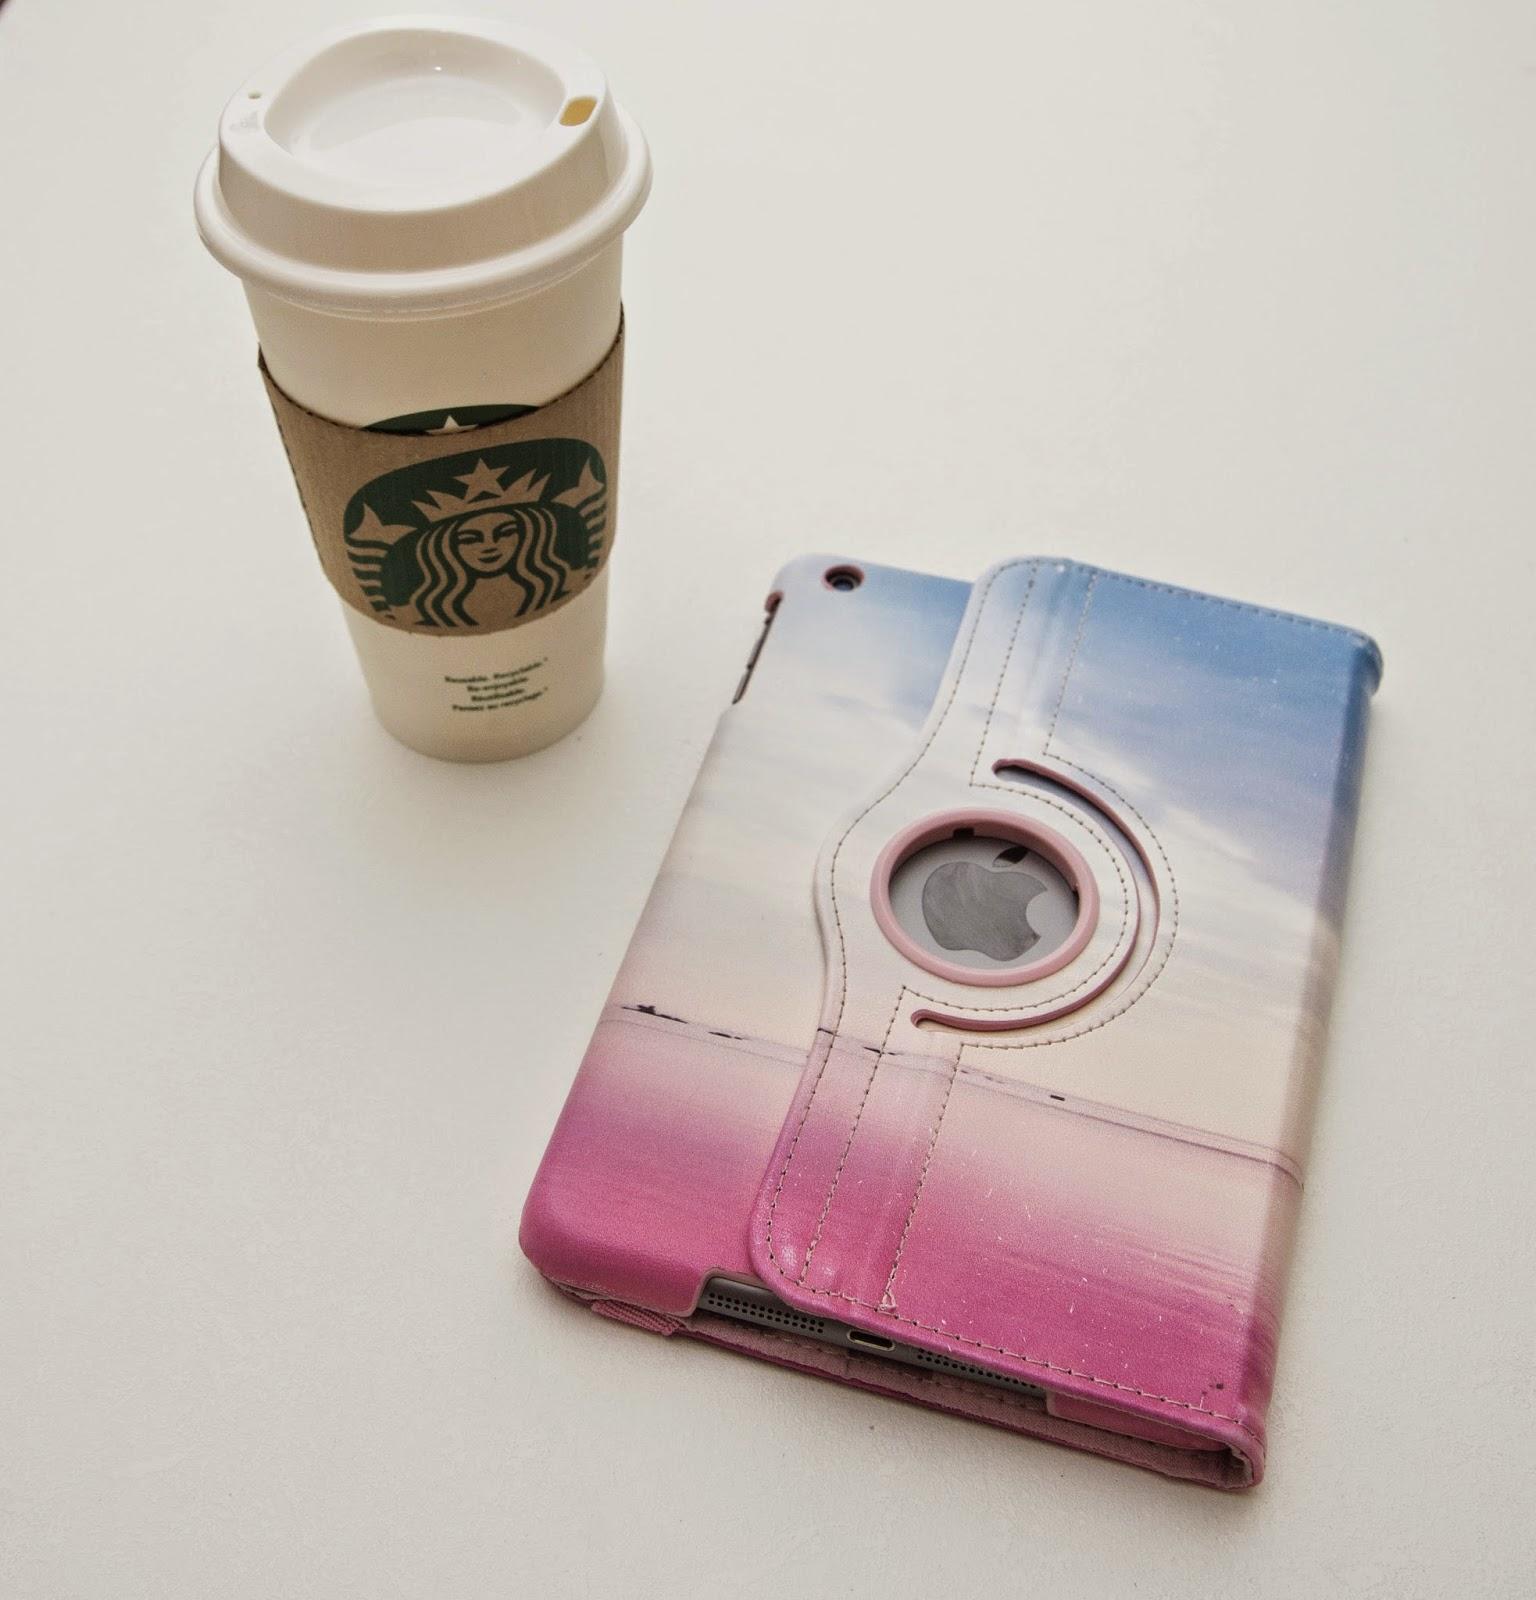 Starbucks, Apple Ipad 3